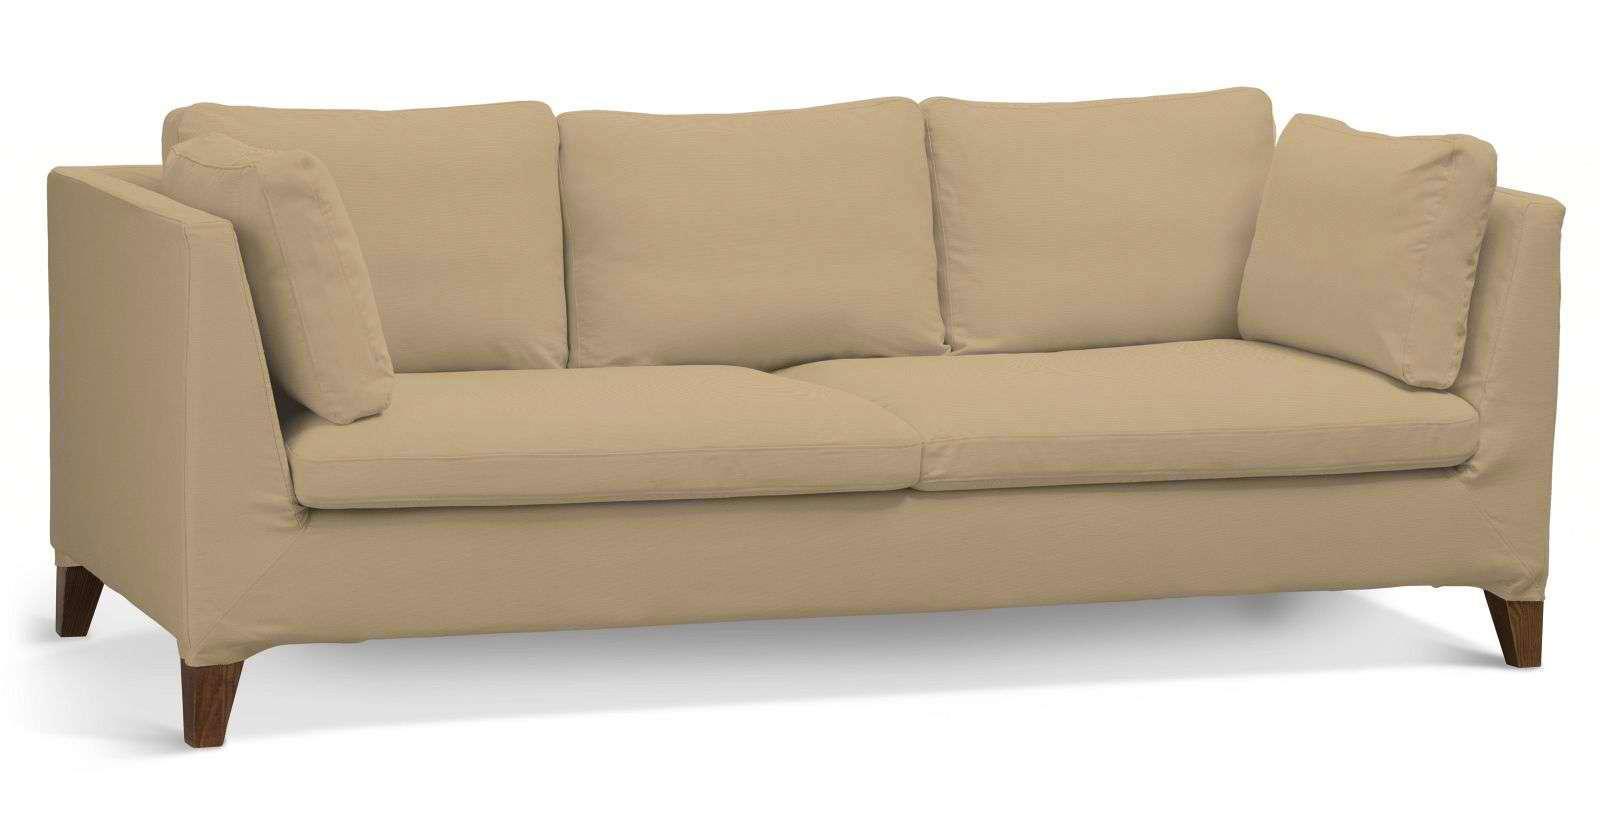 Pokrowiec na sofę Stockholm 3-osobową sofa Stockholm 3-osobowa w kolekcji Cotton Panama, tkanina: 702-01